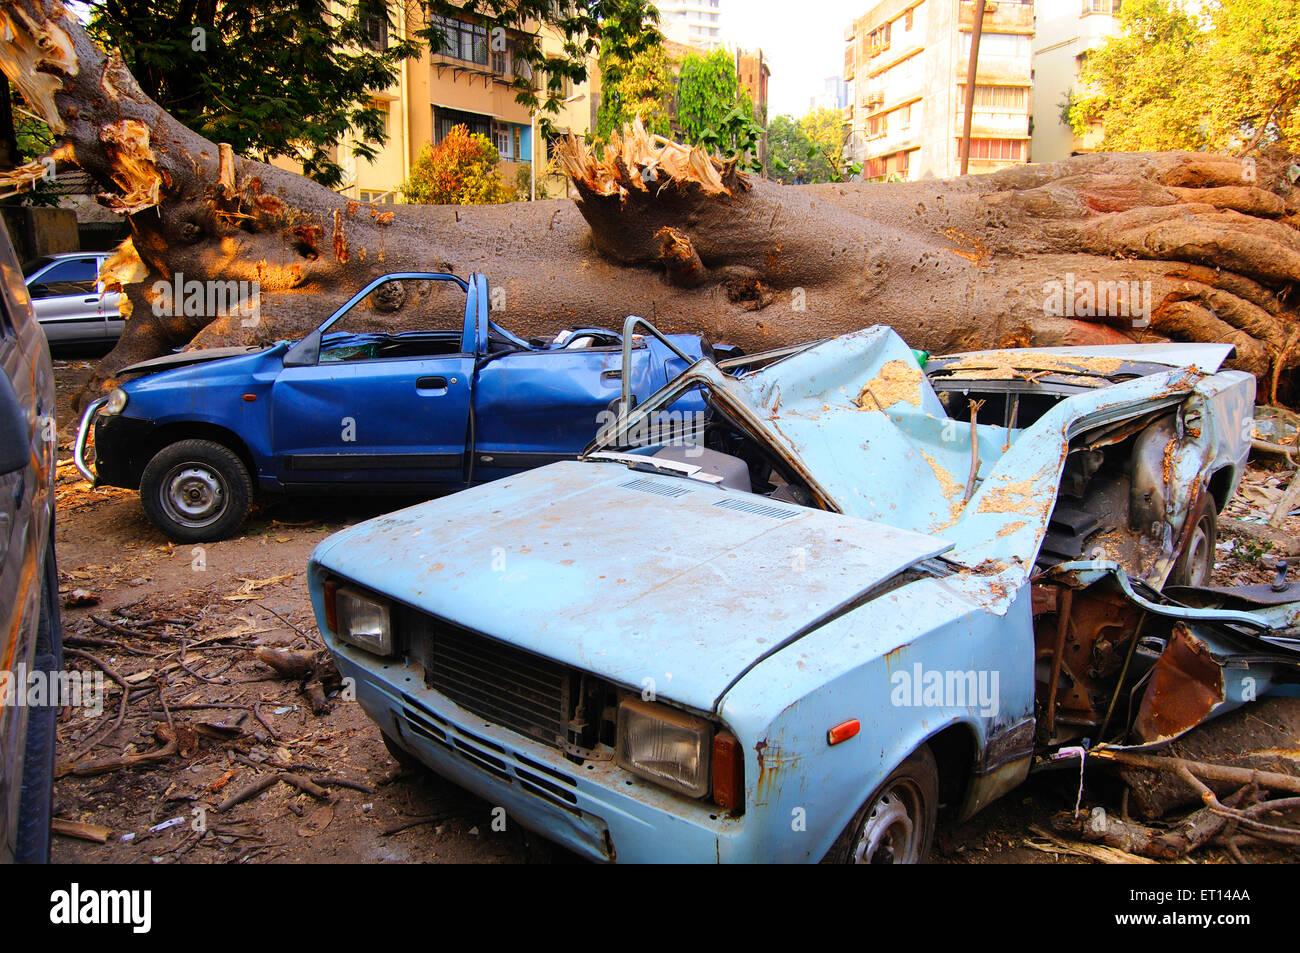 Natural disaster by tree fall on cars at Dadar ; Bombay Mumbai ; Maharashtra ; India 8 March 09 - Stock Image